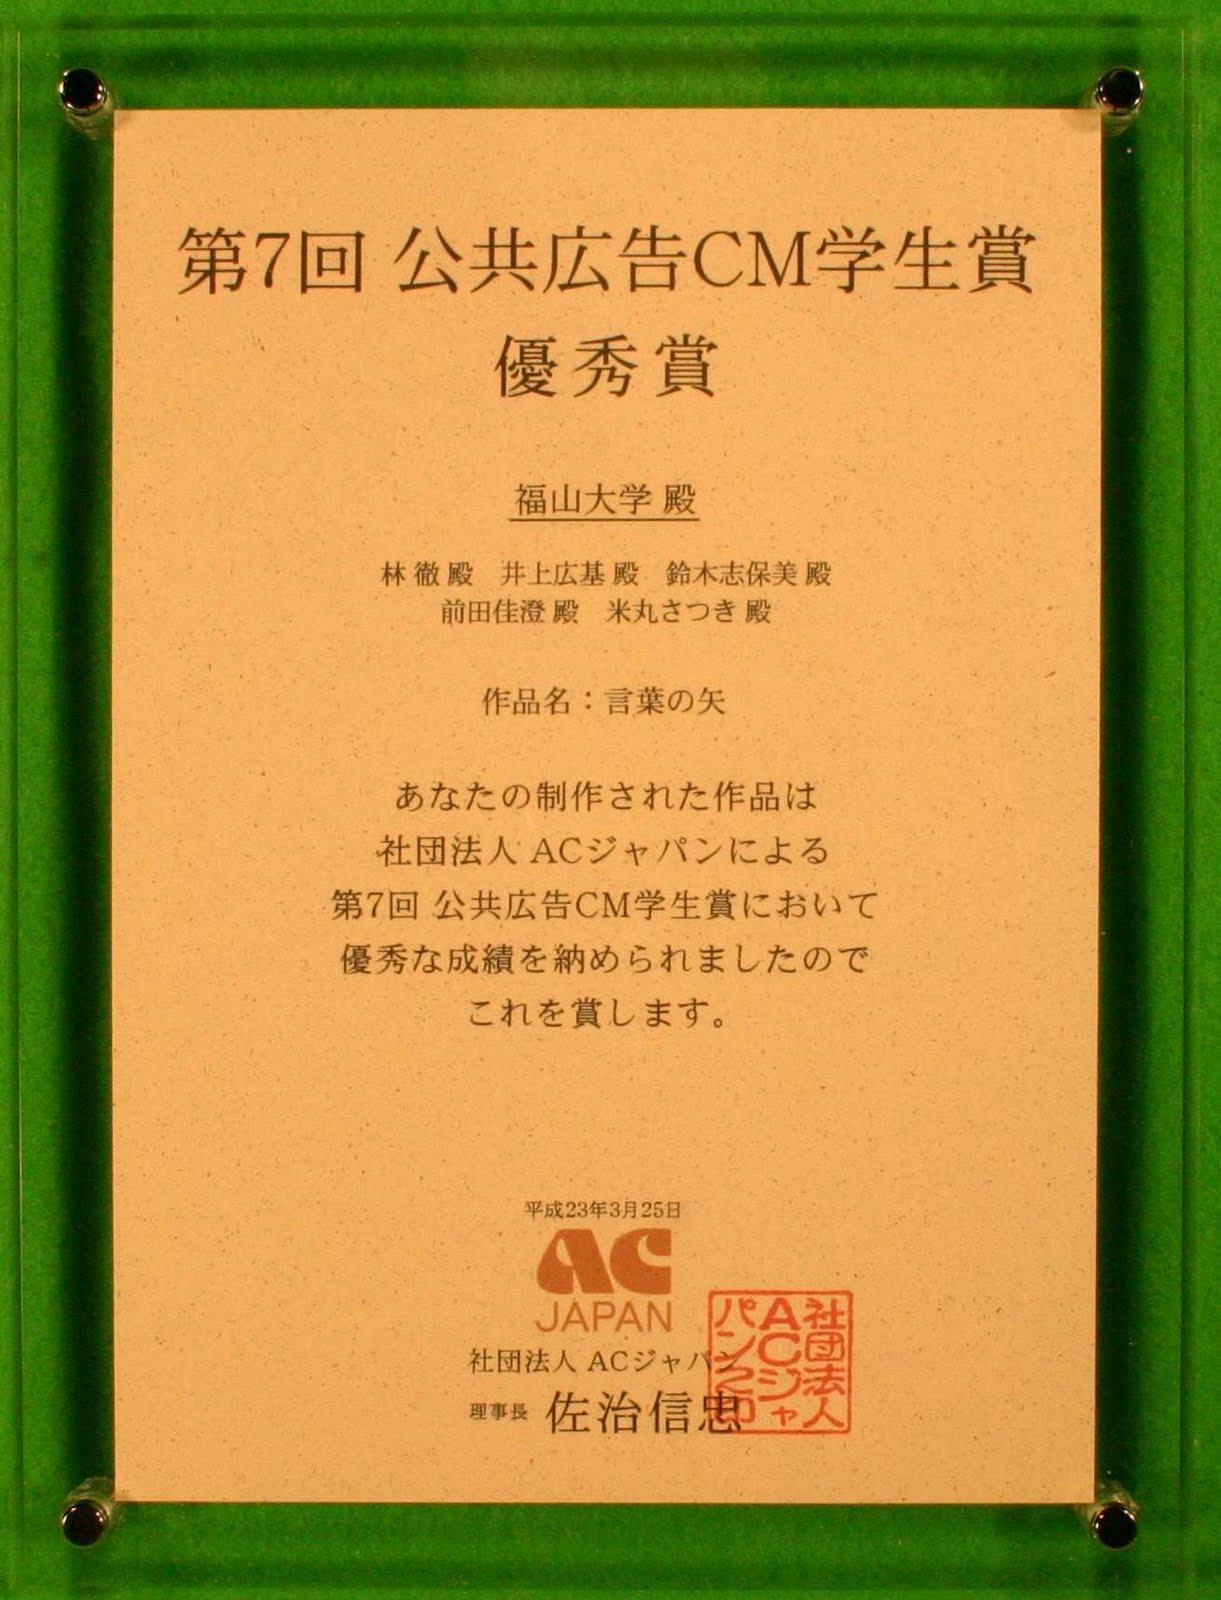 機構 は 広告 公共 と ACジャパン(旧:公共広告機構)の2020年のテレビCMが久々に怖い